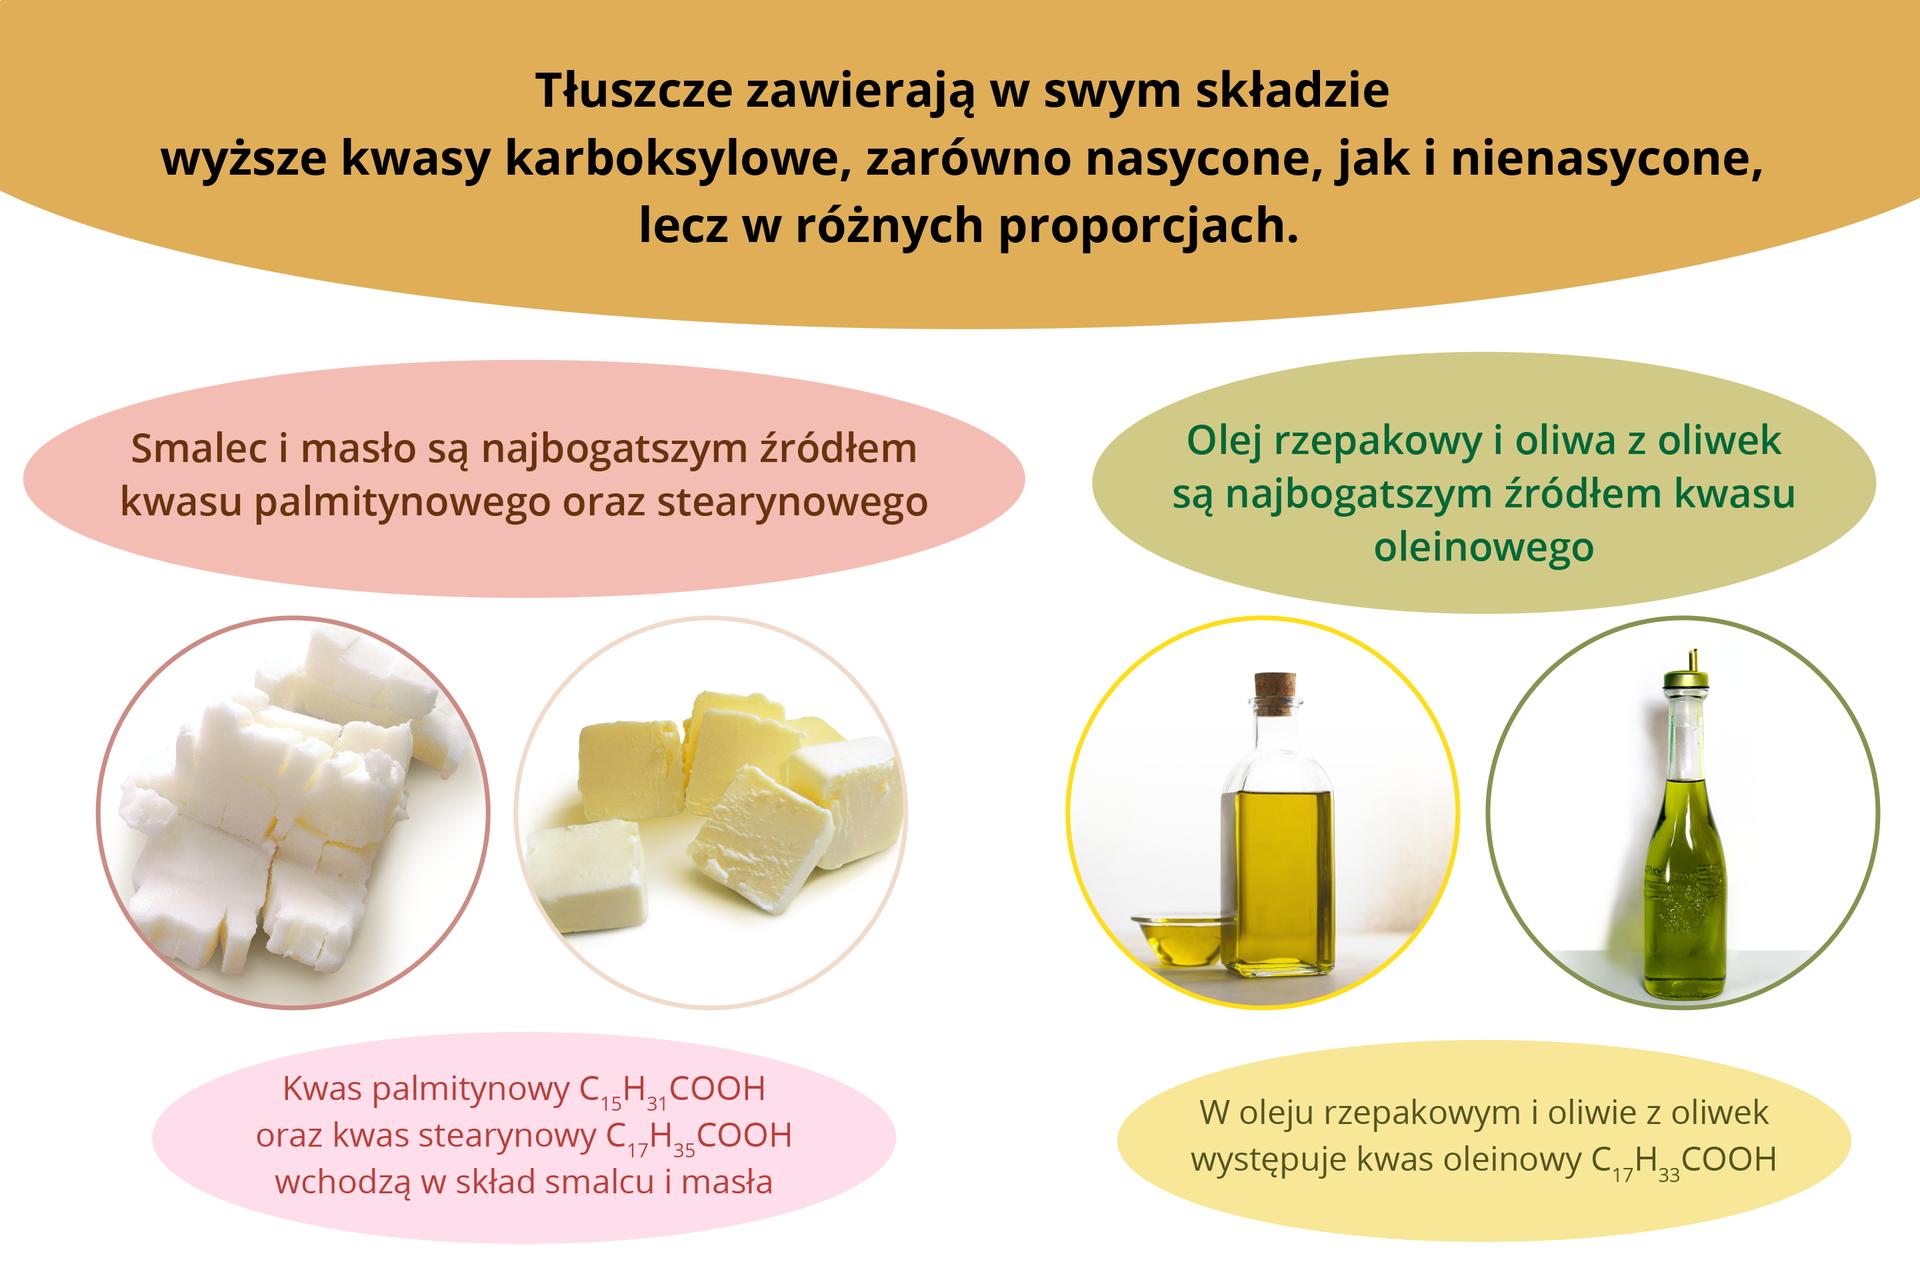 Schemat przedstawiający przykłady kwasów wtłuszczach.